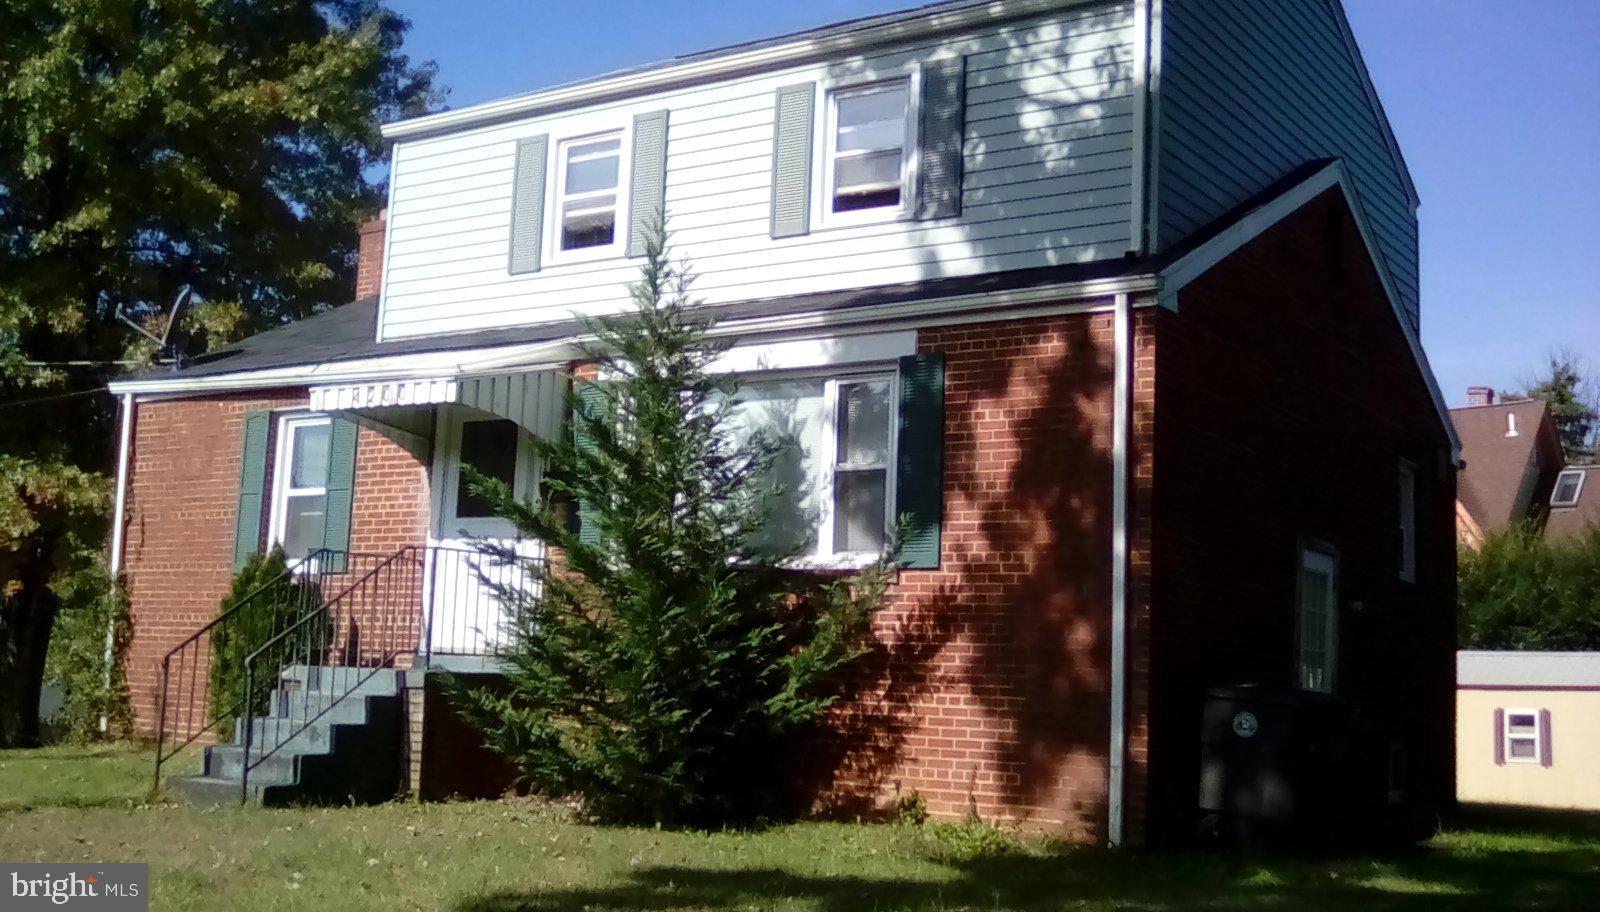 4200 EMERSON STREET, HYATTSVILLE, MD 20781